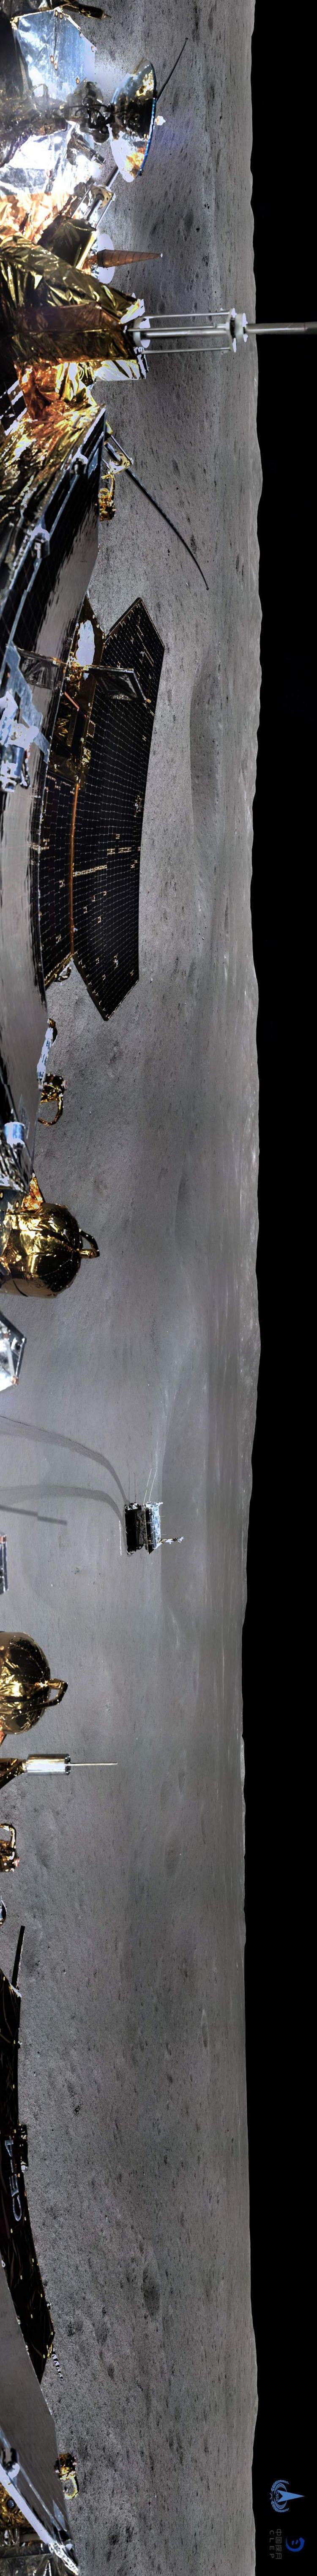 嫦娥四号地形地貌相机顺利完成360度环拍 一起看图!